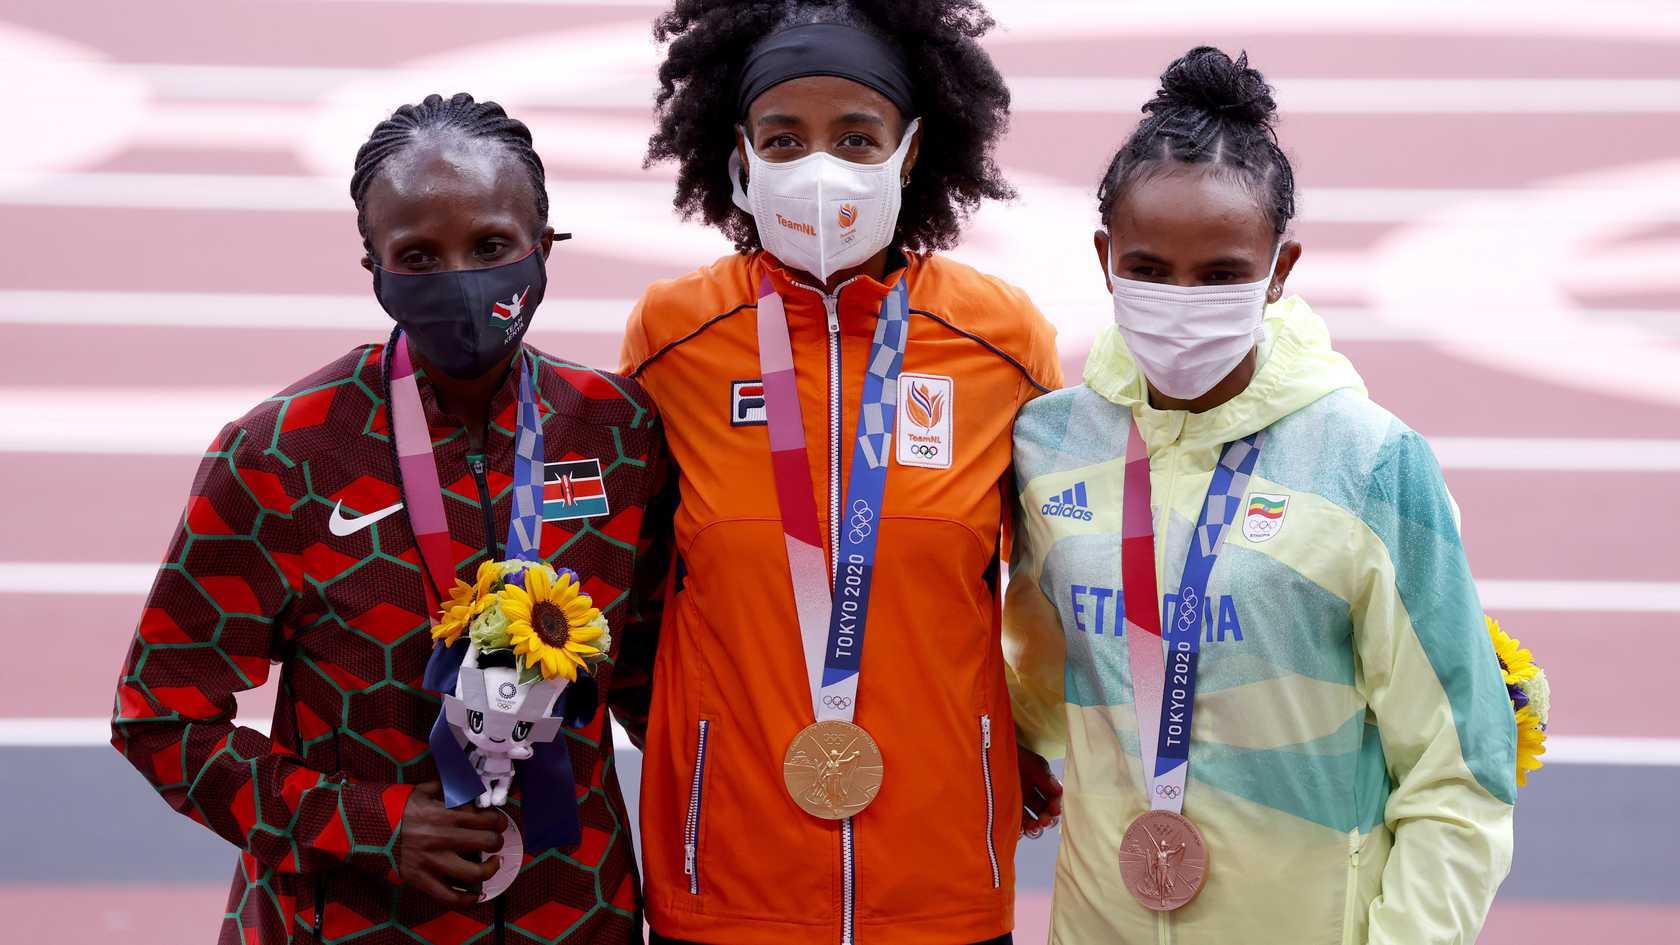 Sifan Hassan (tengah) menerima medali emas pertama dari tiga medali emas yang ia cita-citakan di Tokyo 2020.